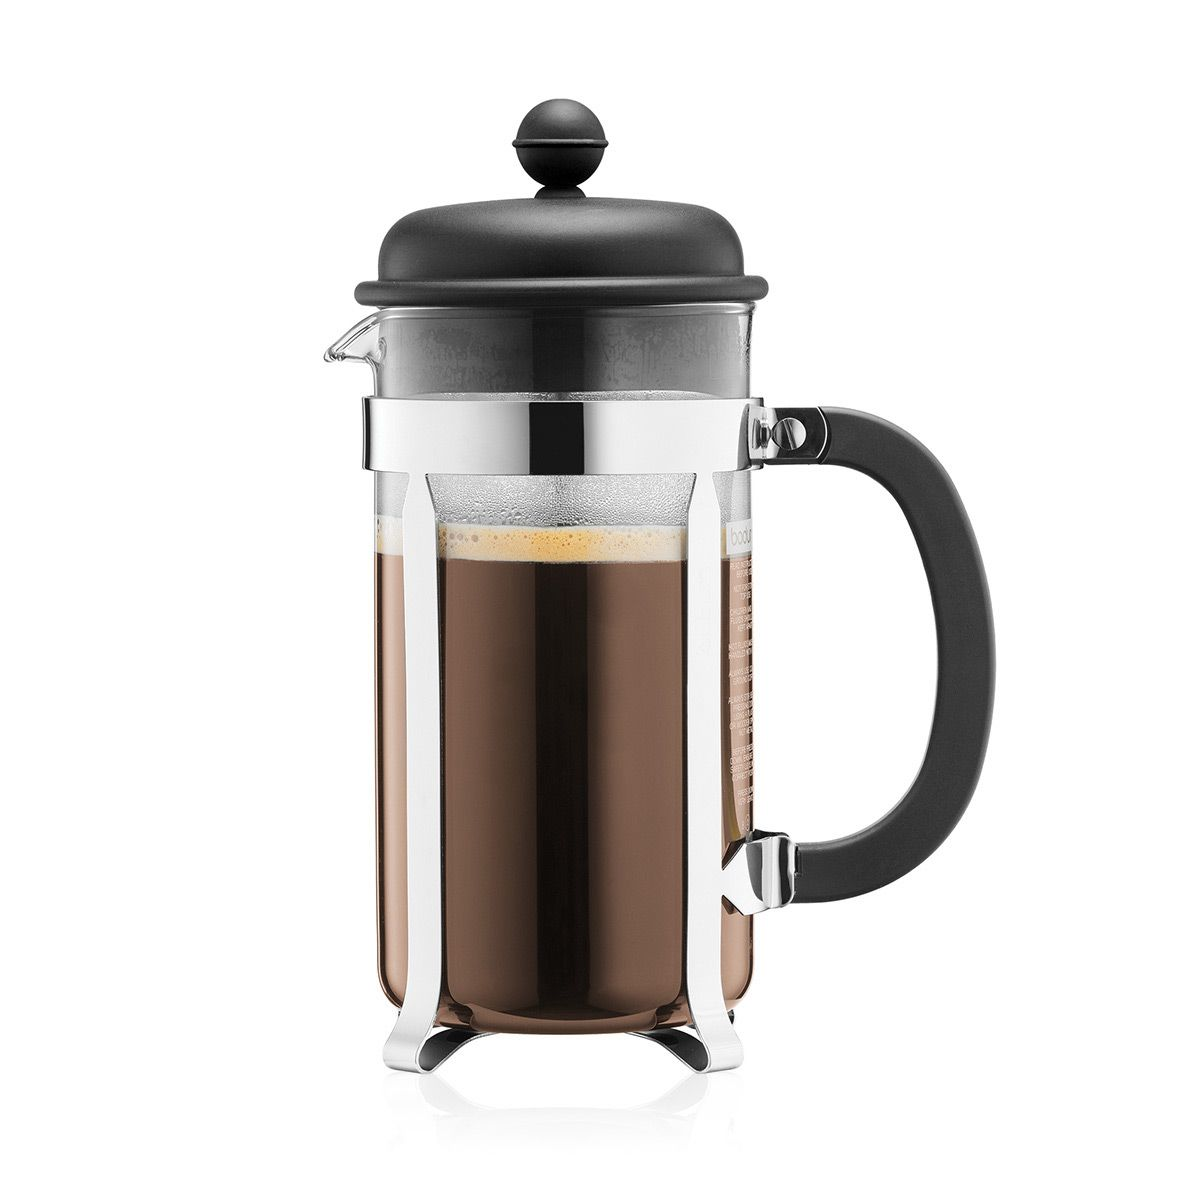 Kávovar French press CAFFETTIERA 1 l černý - Bodum